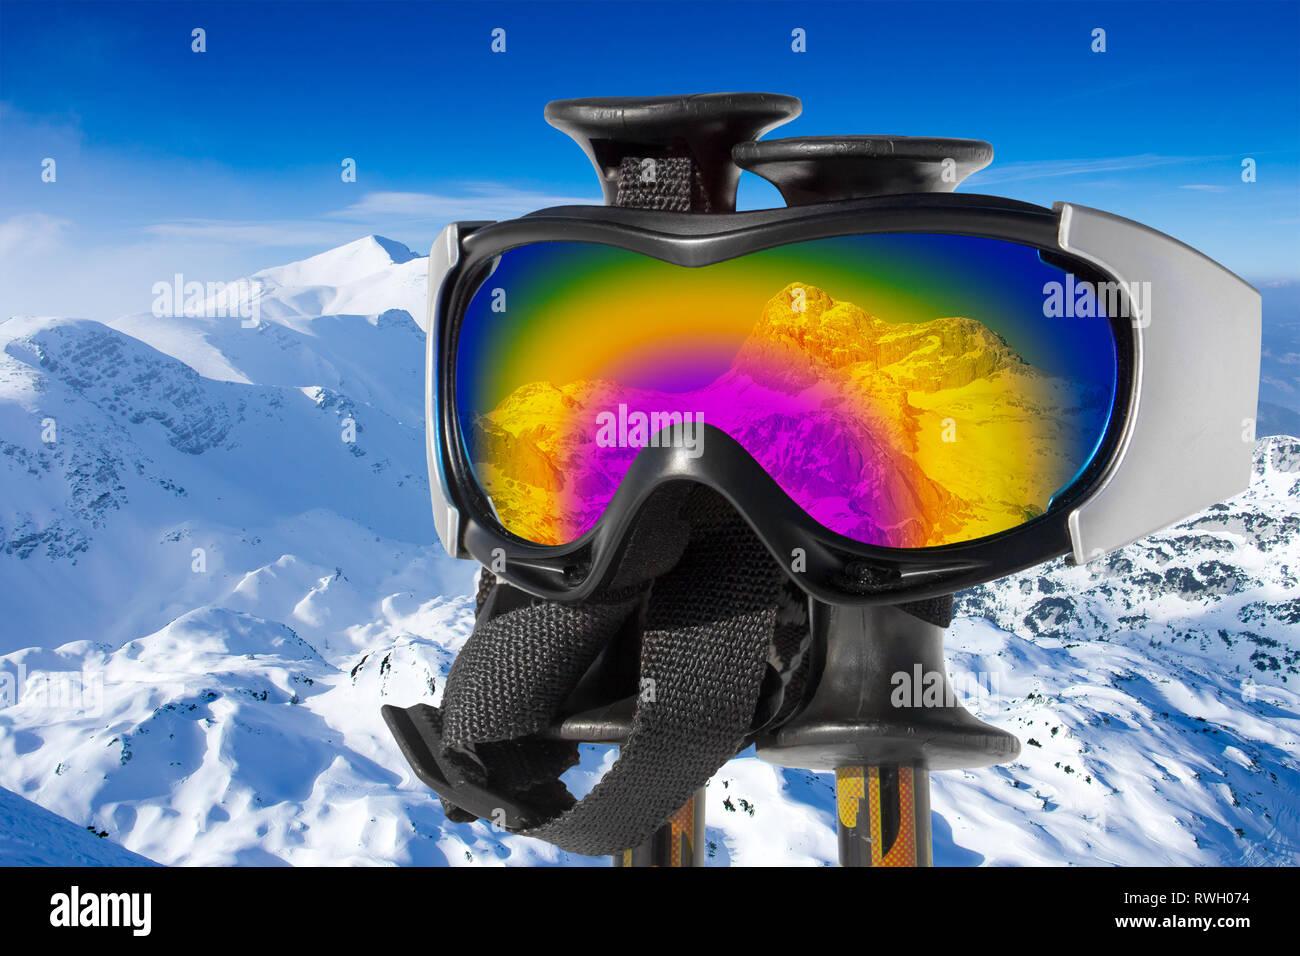 La riflessione della montagna innevata Triglav in maschere da sci su bastoni da sci Immagini Stock